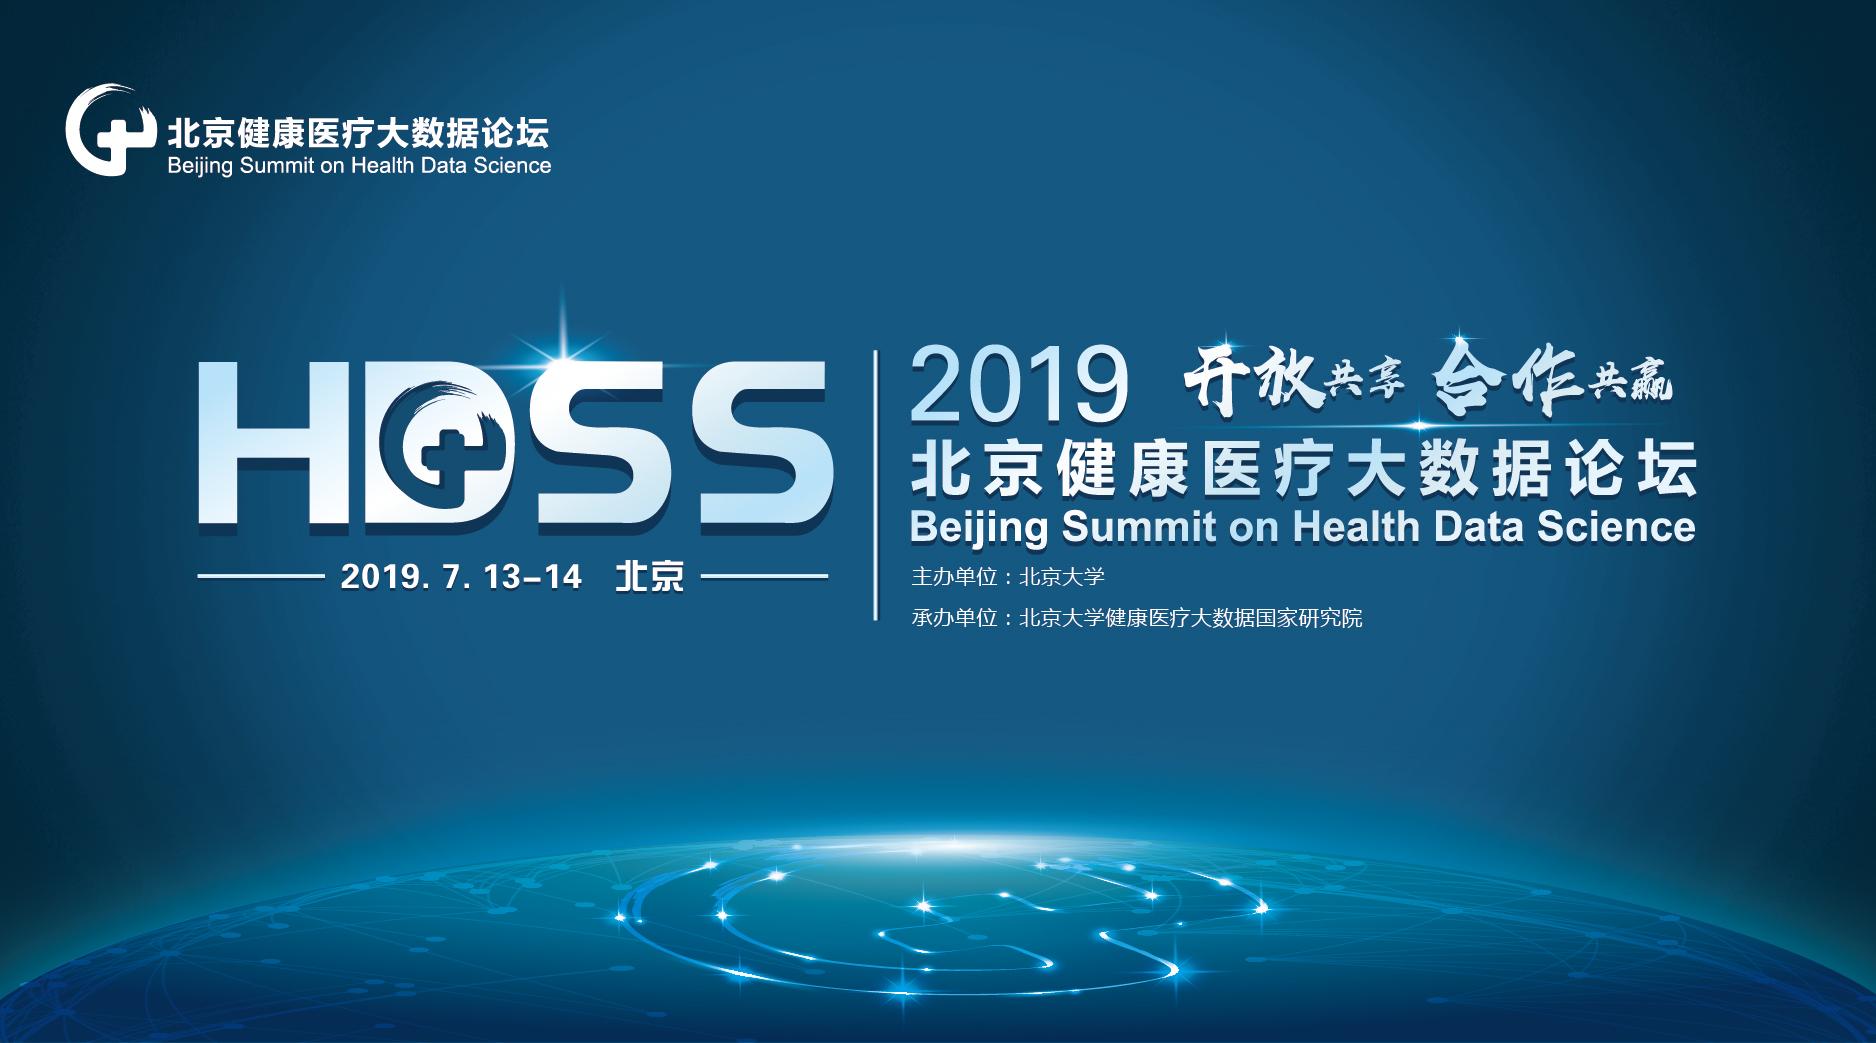 第二届北京健康医疗大数据论坛7月登陆